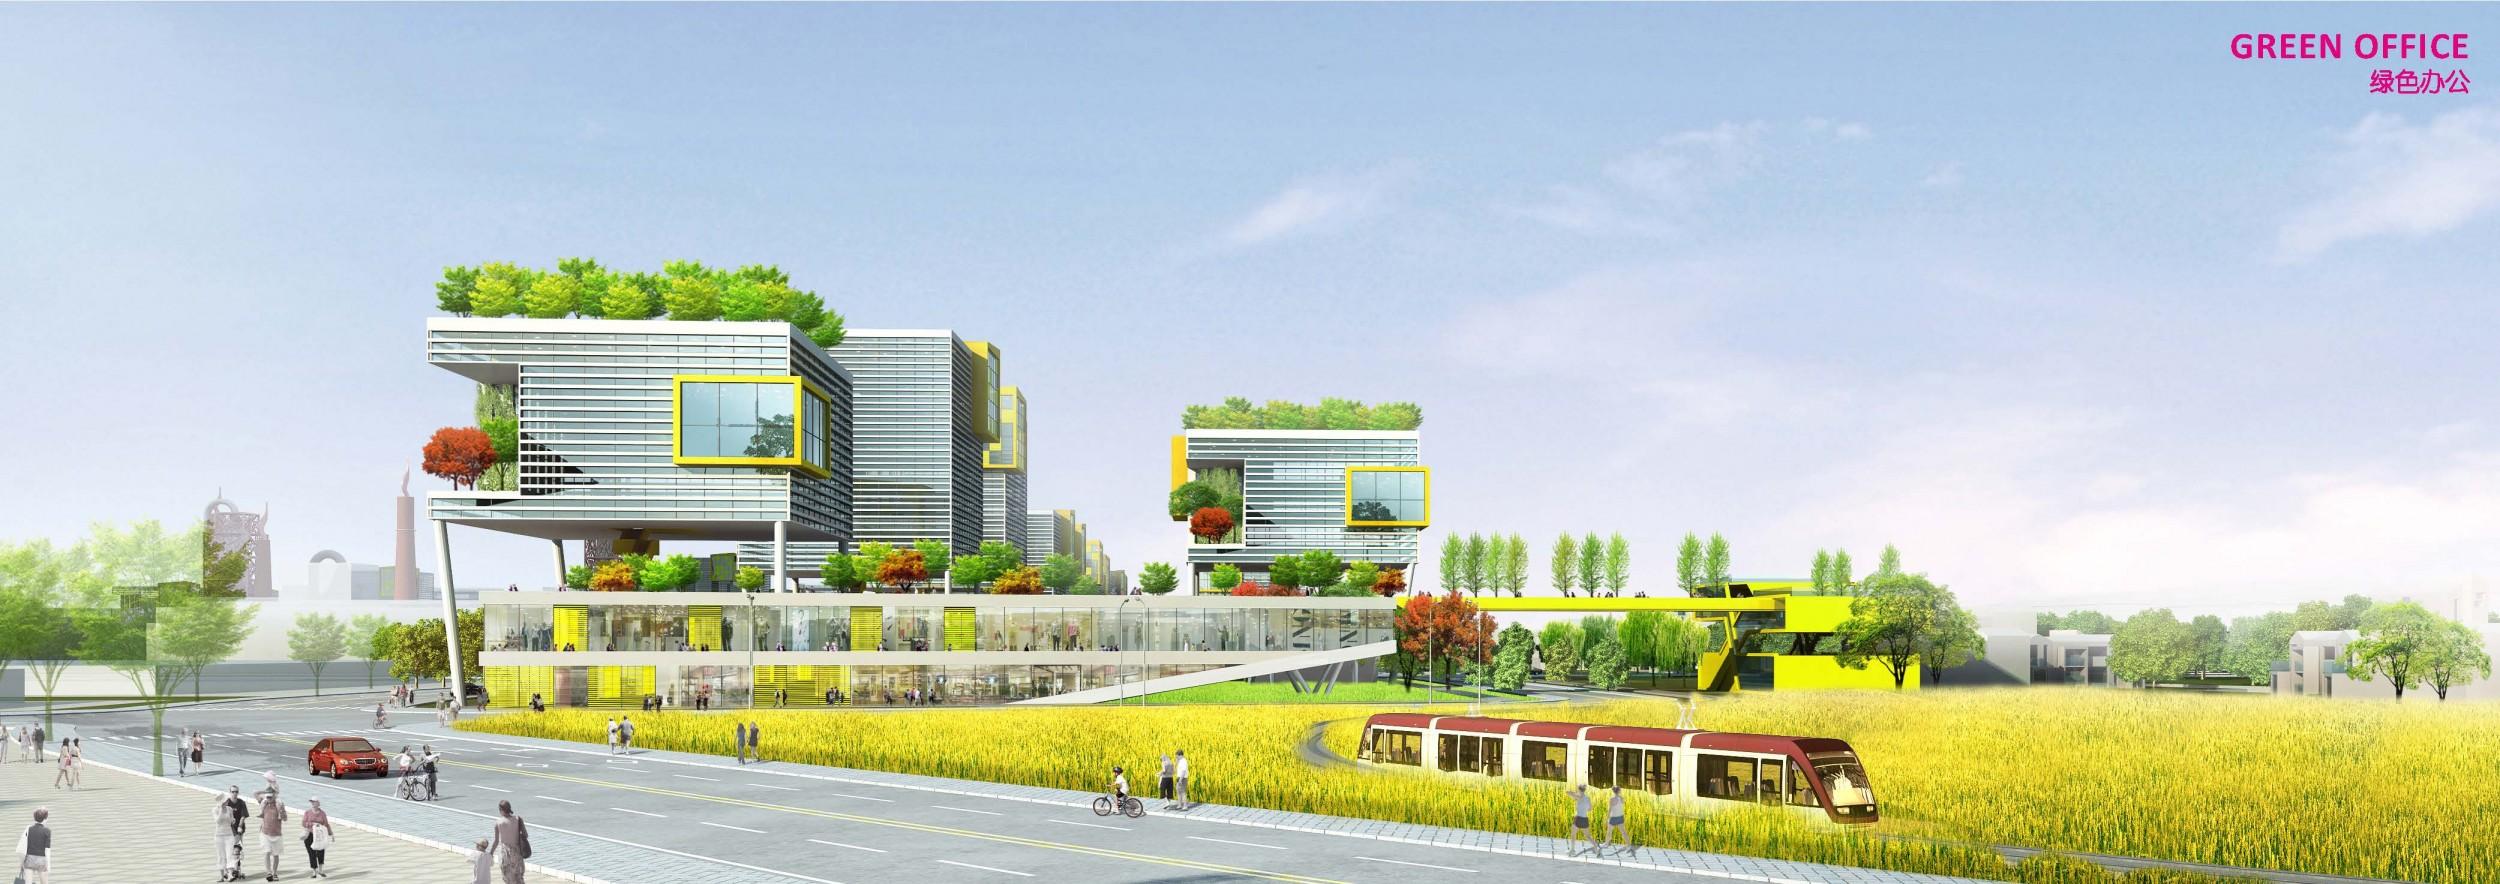 页面提取自-8杭州梦想小镇(荷兰NITA设计集团).pdf_页面_6.jpg